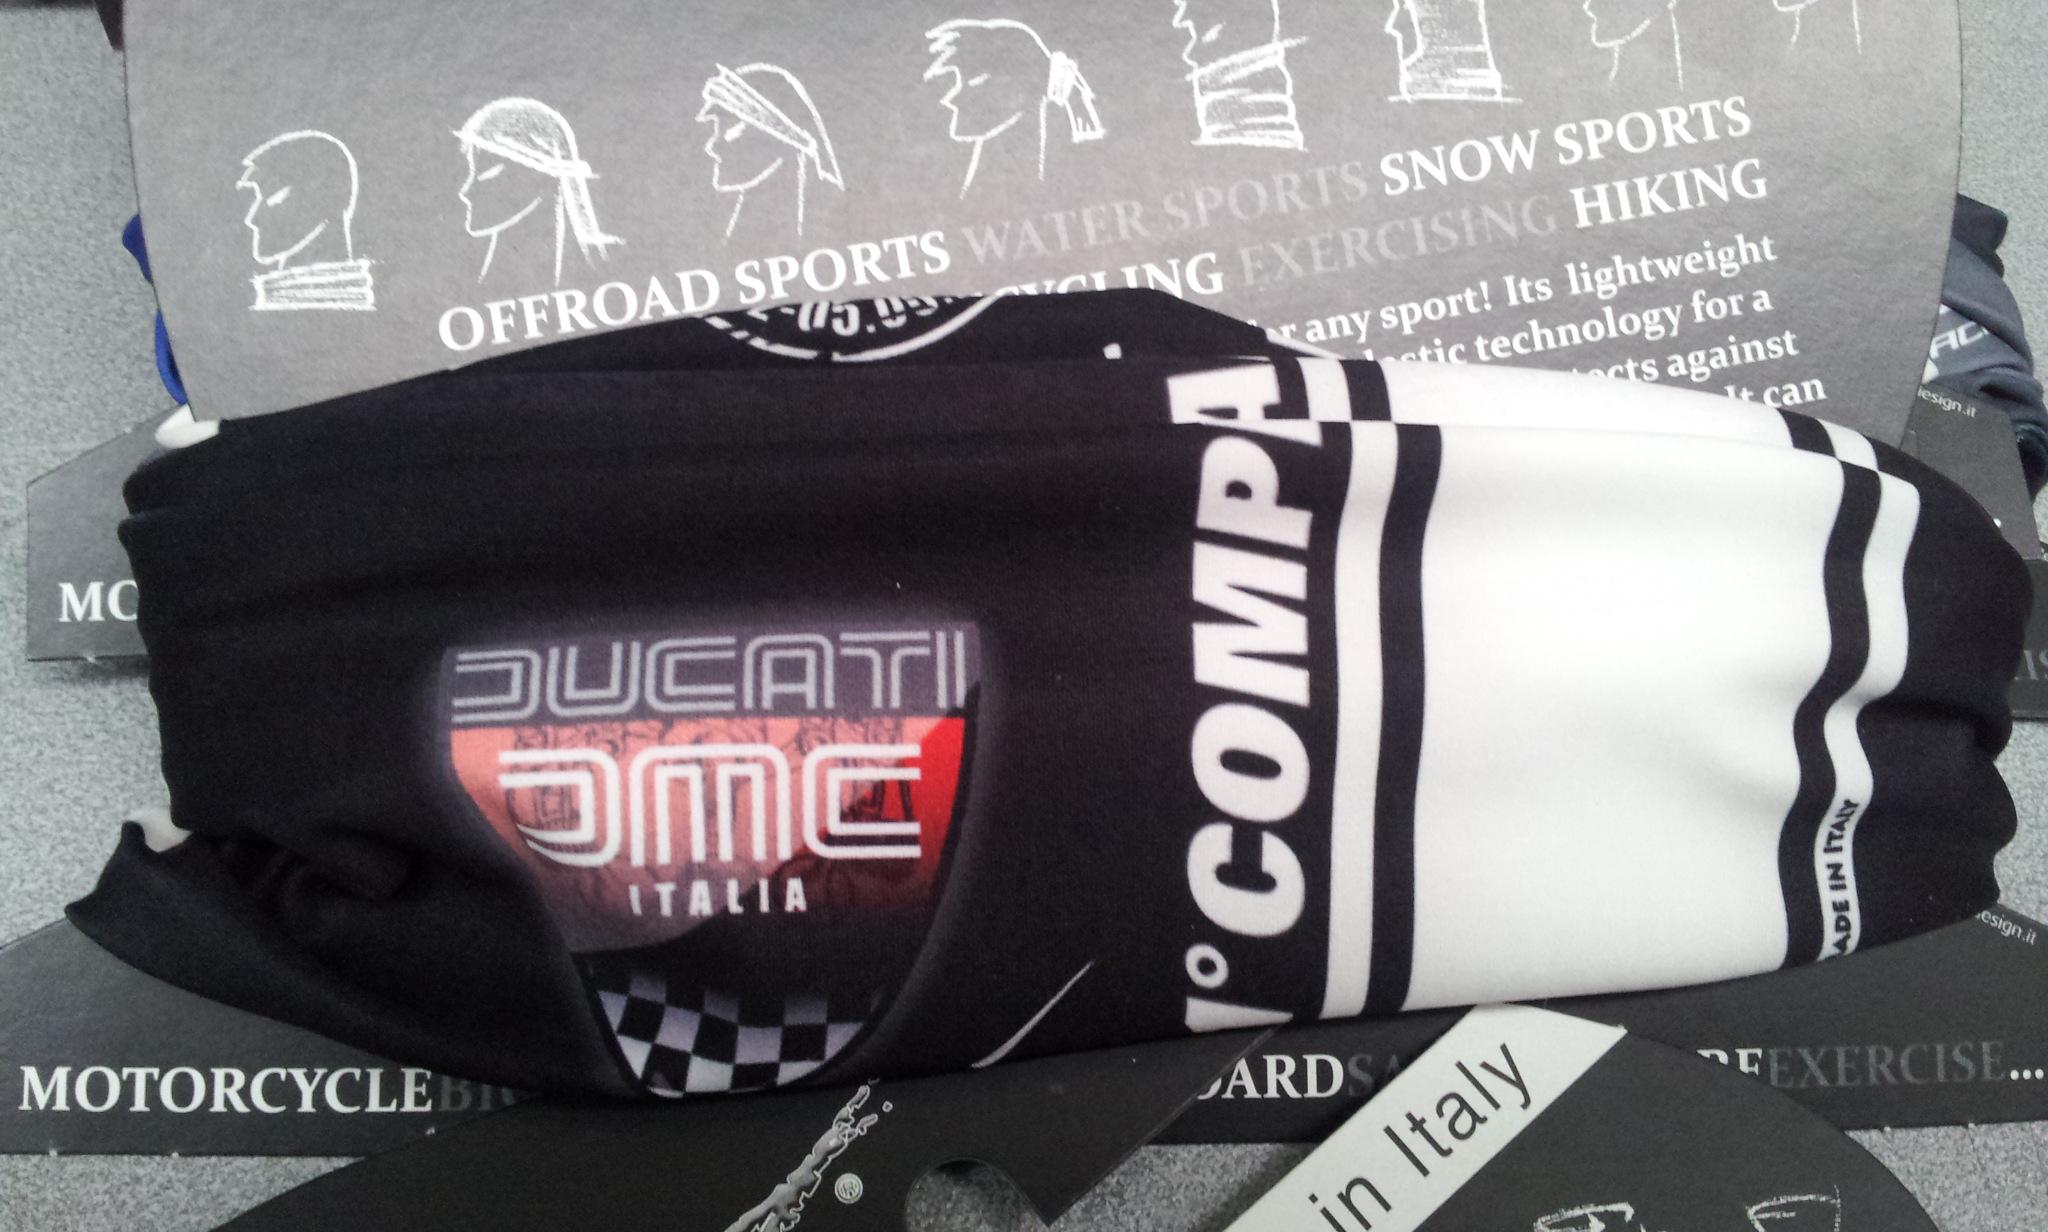 DMC Ducati paracollo